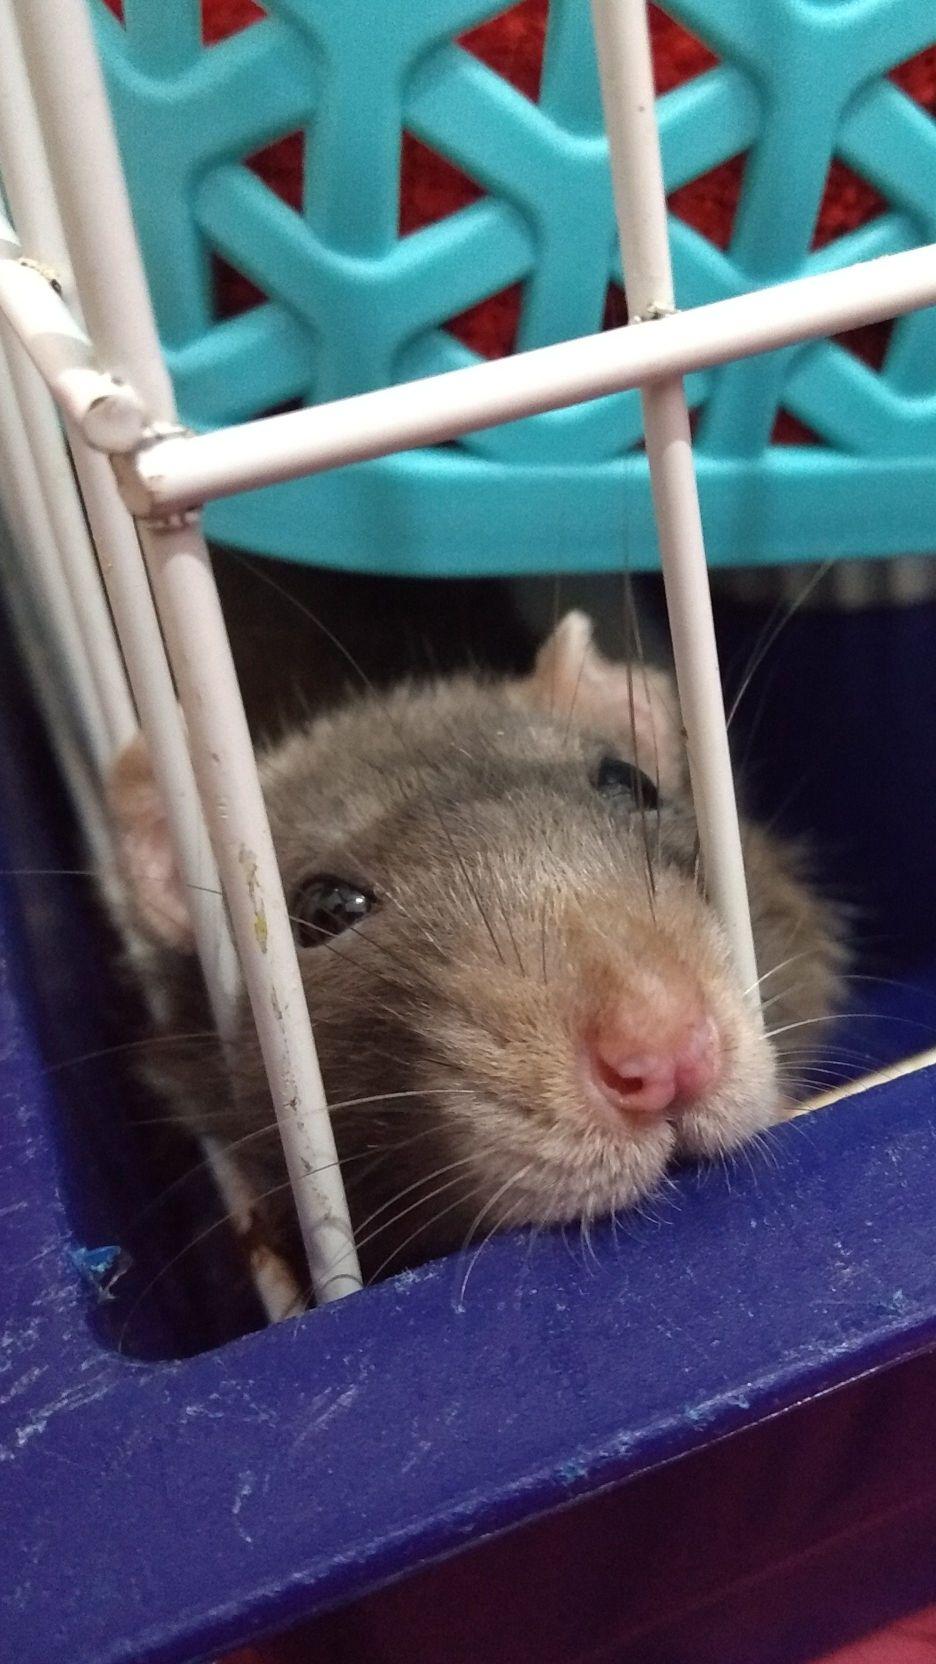 Ratinha passageira